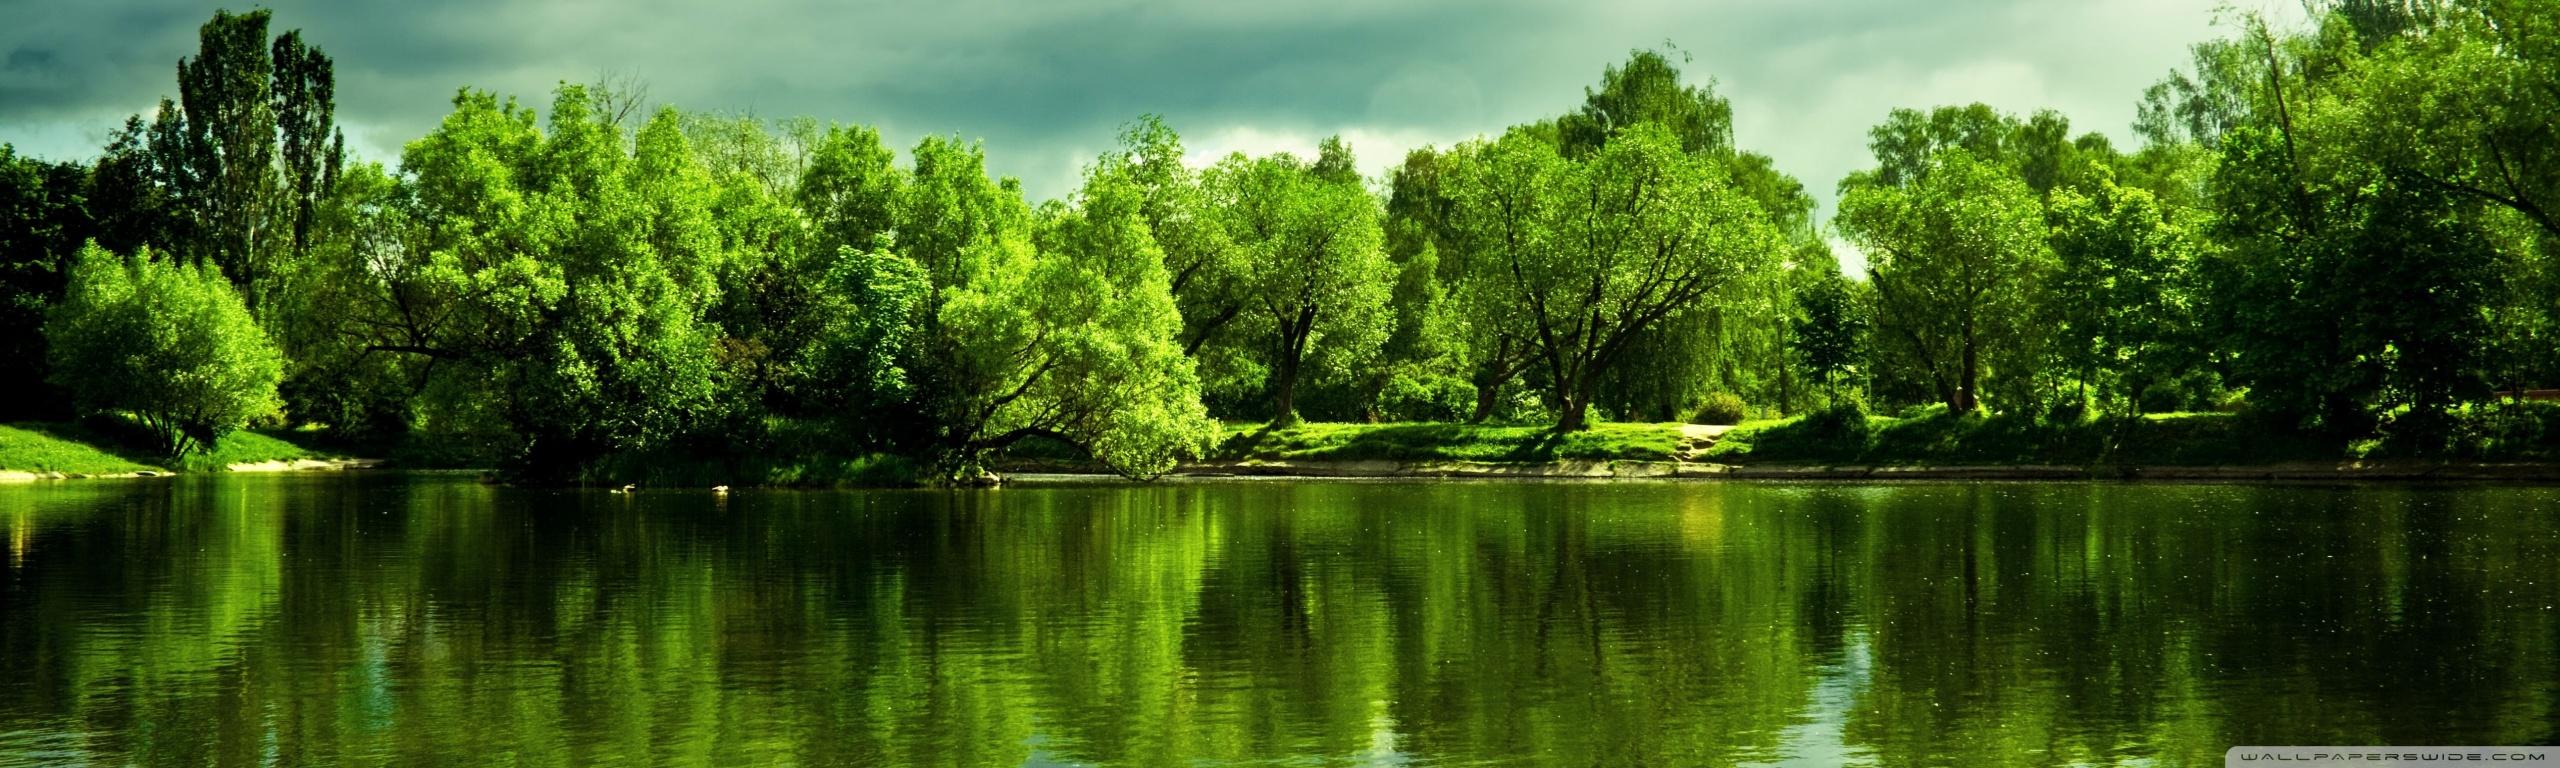 Green Trees ❤ 4K HD Desktop Wallpaper for 4K Ultra HD TV • Wide ...